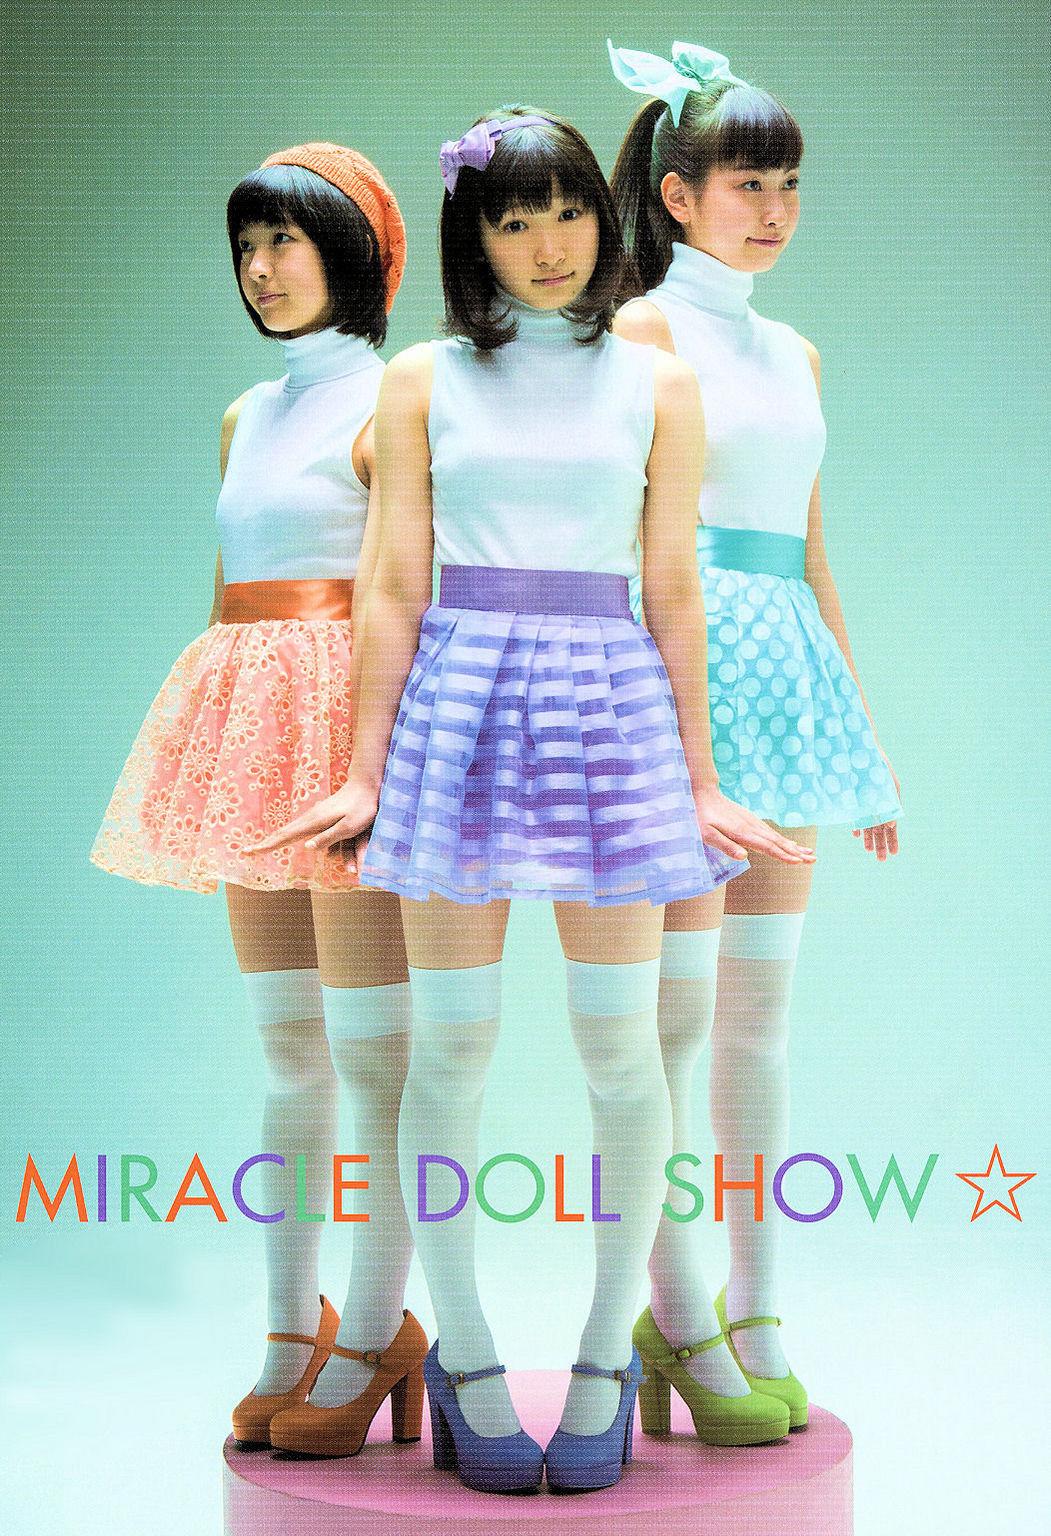 Short skirts and overknees